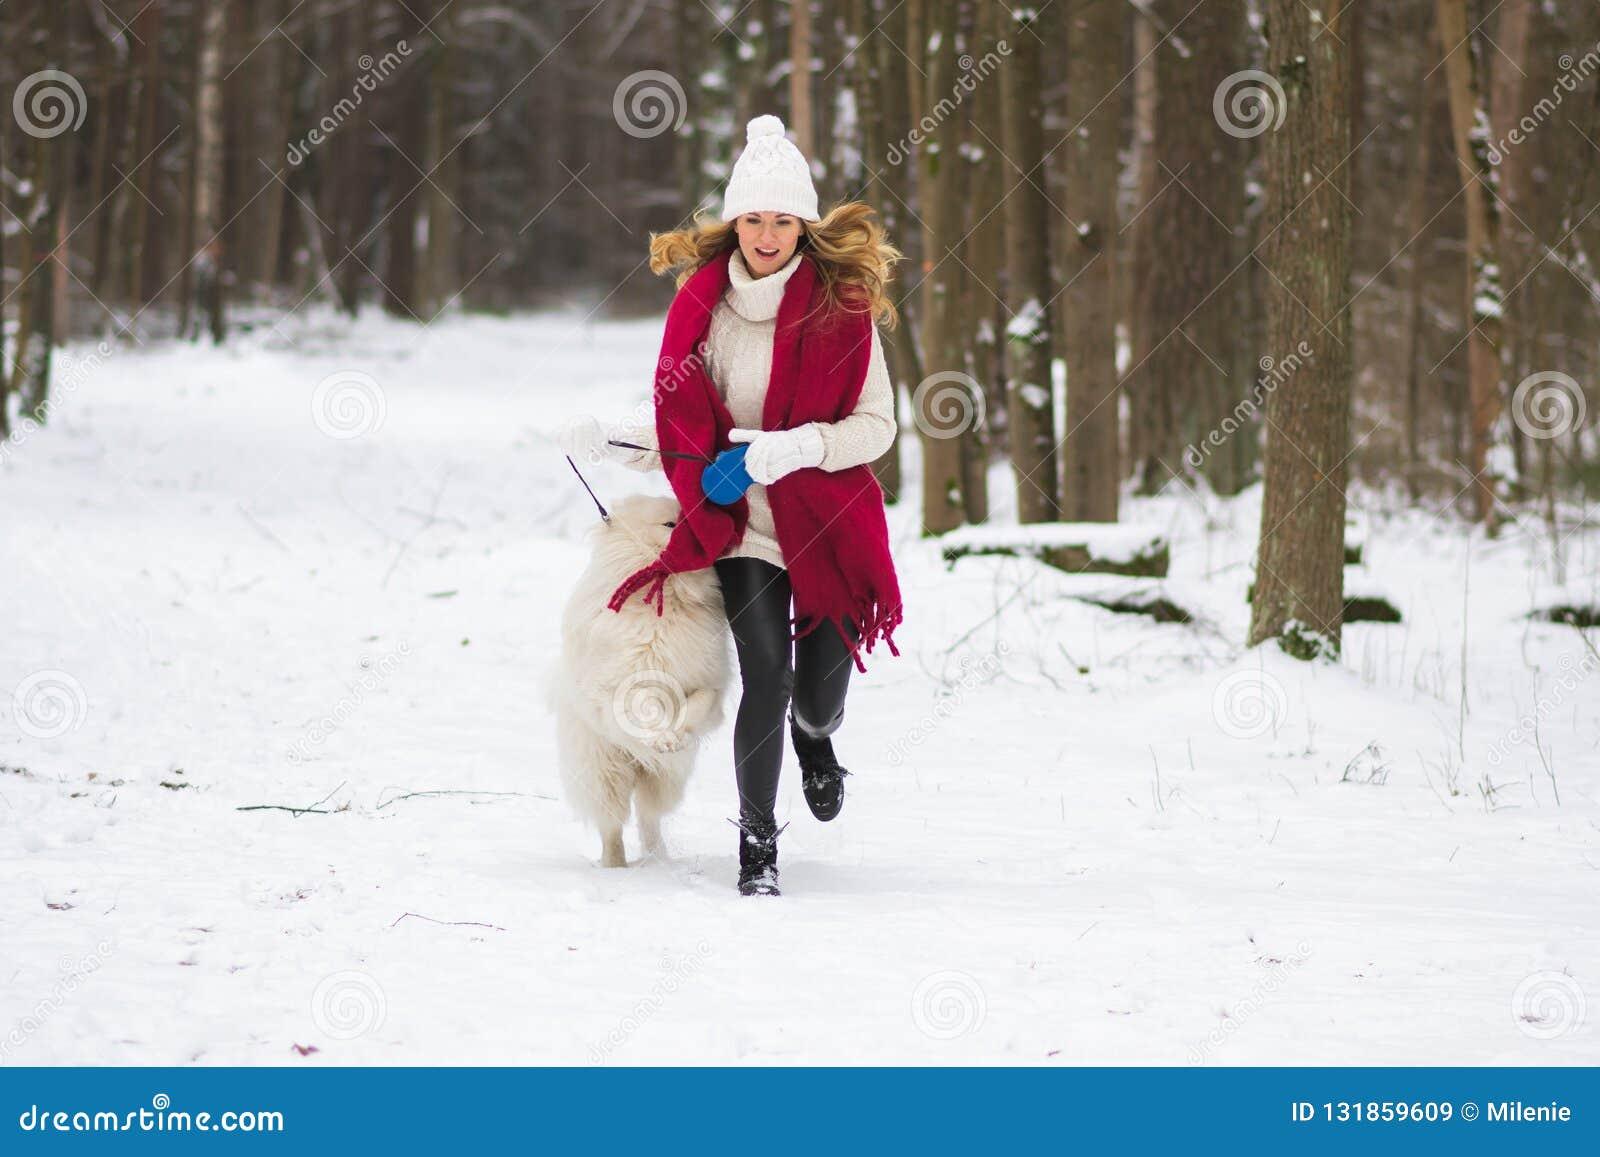 Vrij Jonge Vrouw in de Sneeuwwinter Forest Park Walking Playing met haar Hond